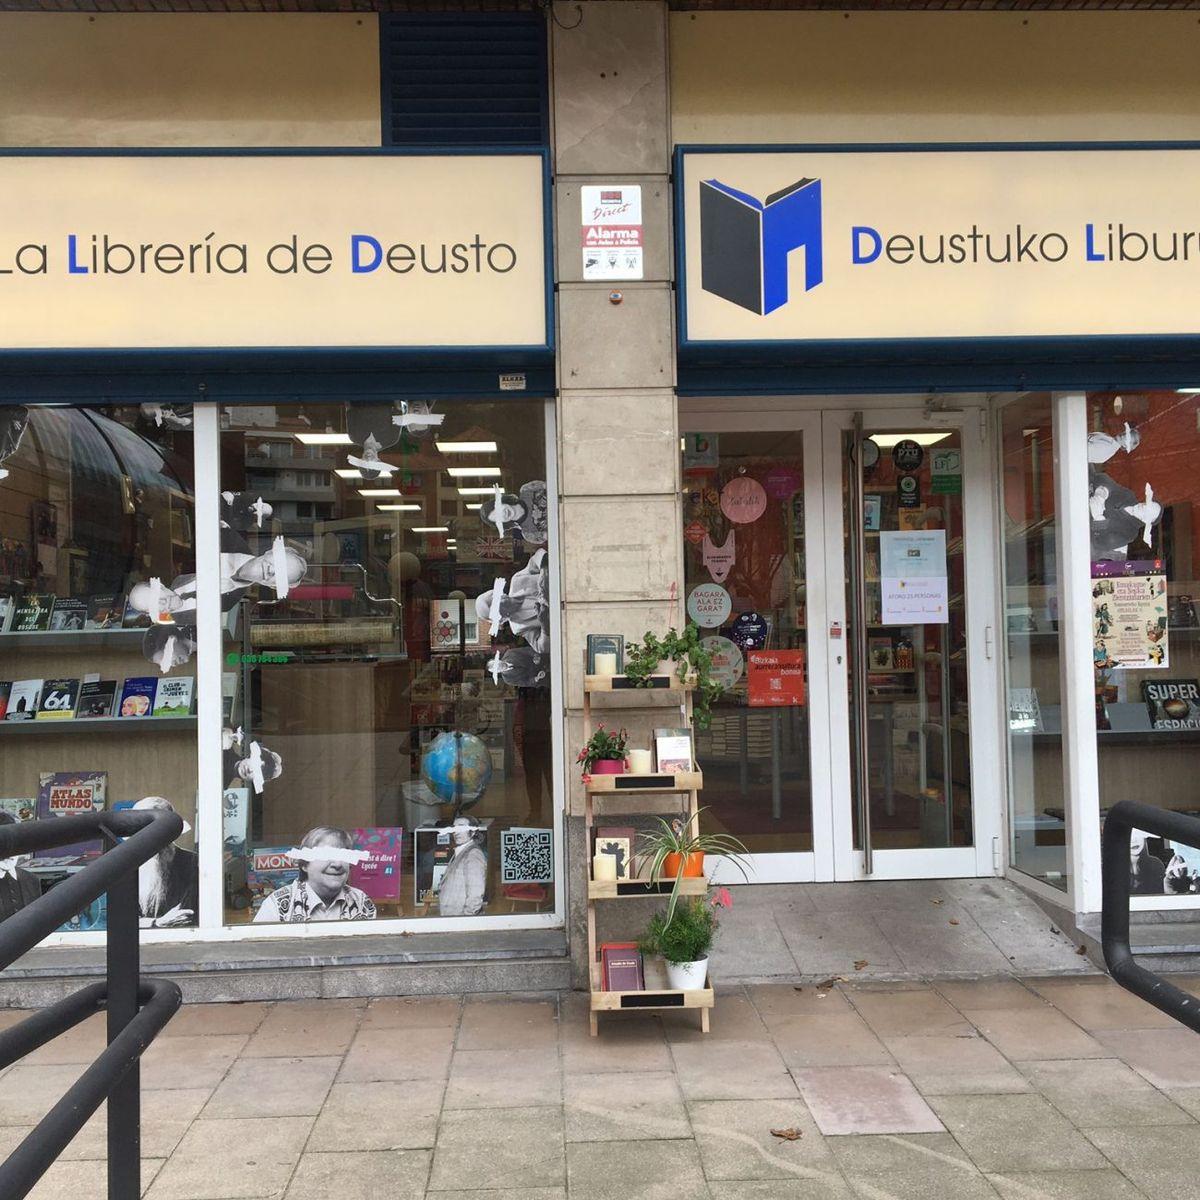 Una librería que da vida a Deusto